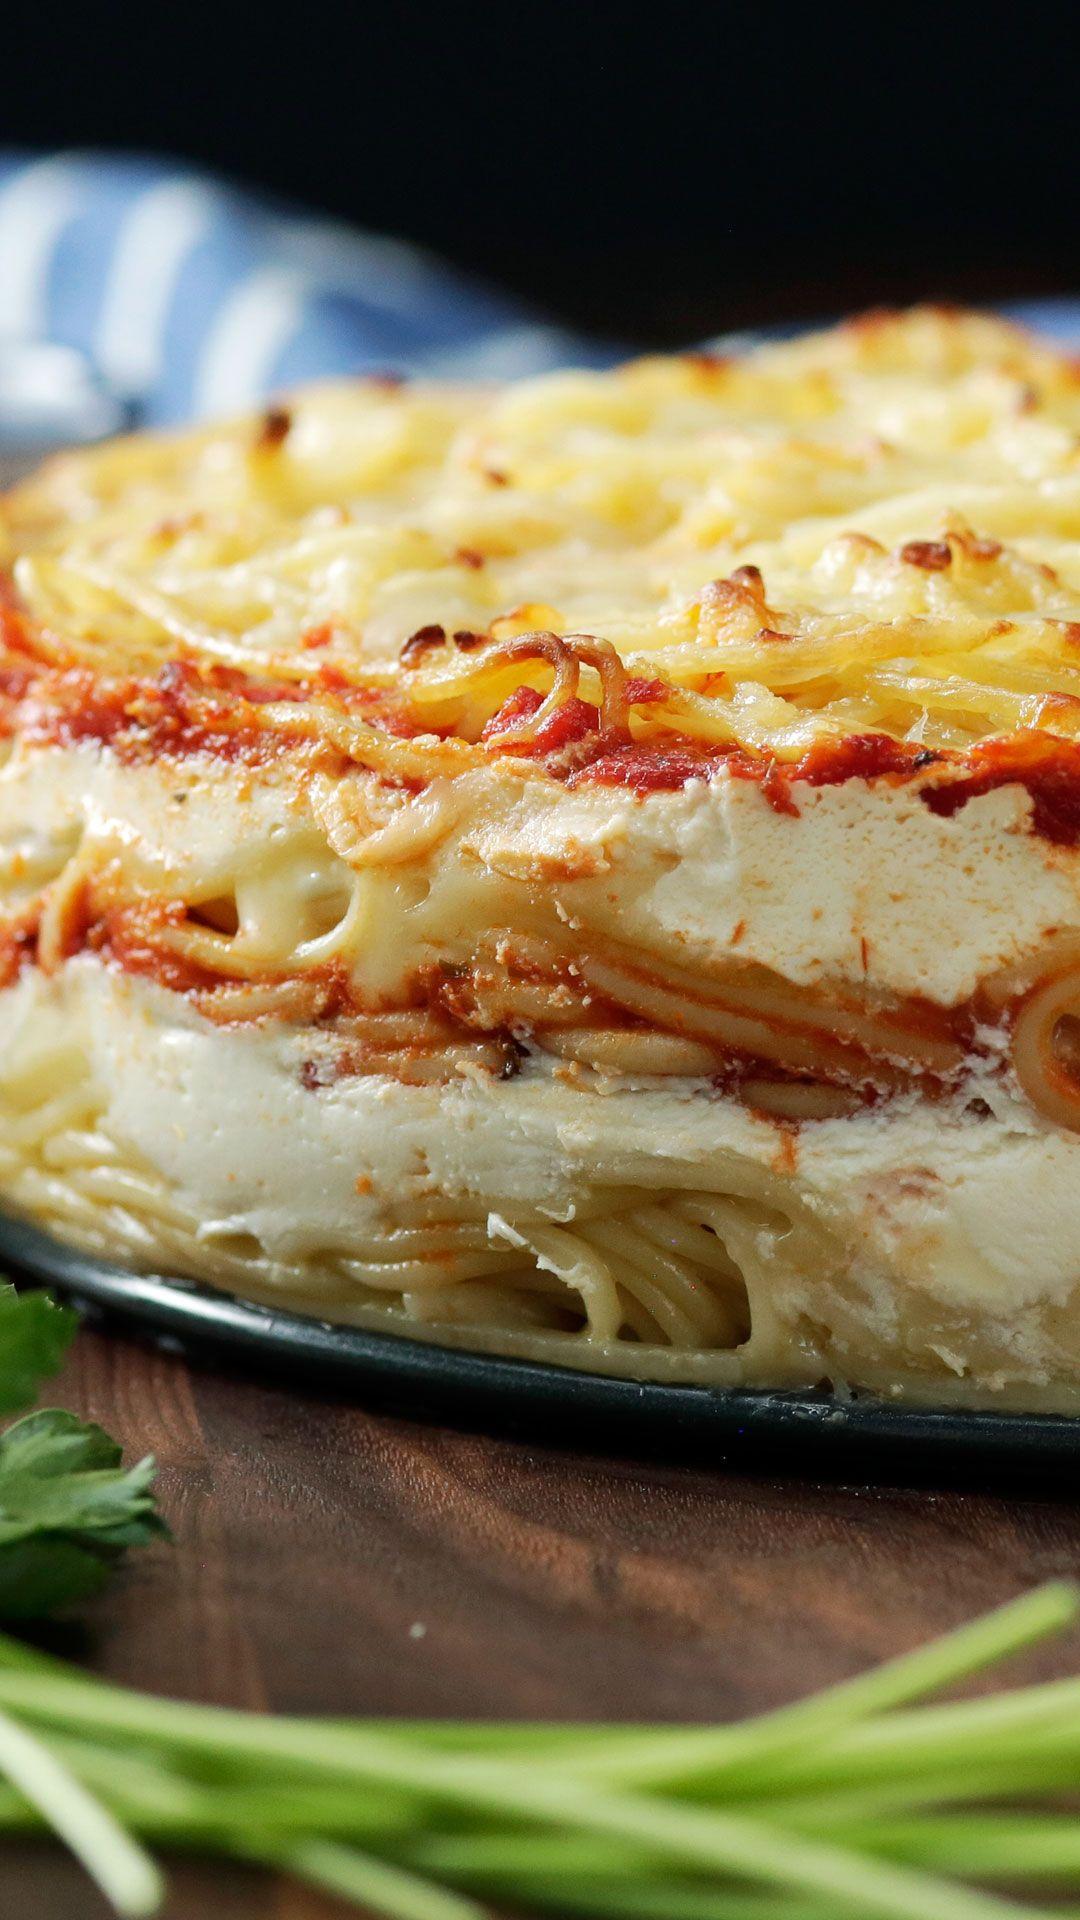 Transformamos unos deliciosos espaguetis en un pastel imperdible. Dos amores en uno!